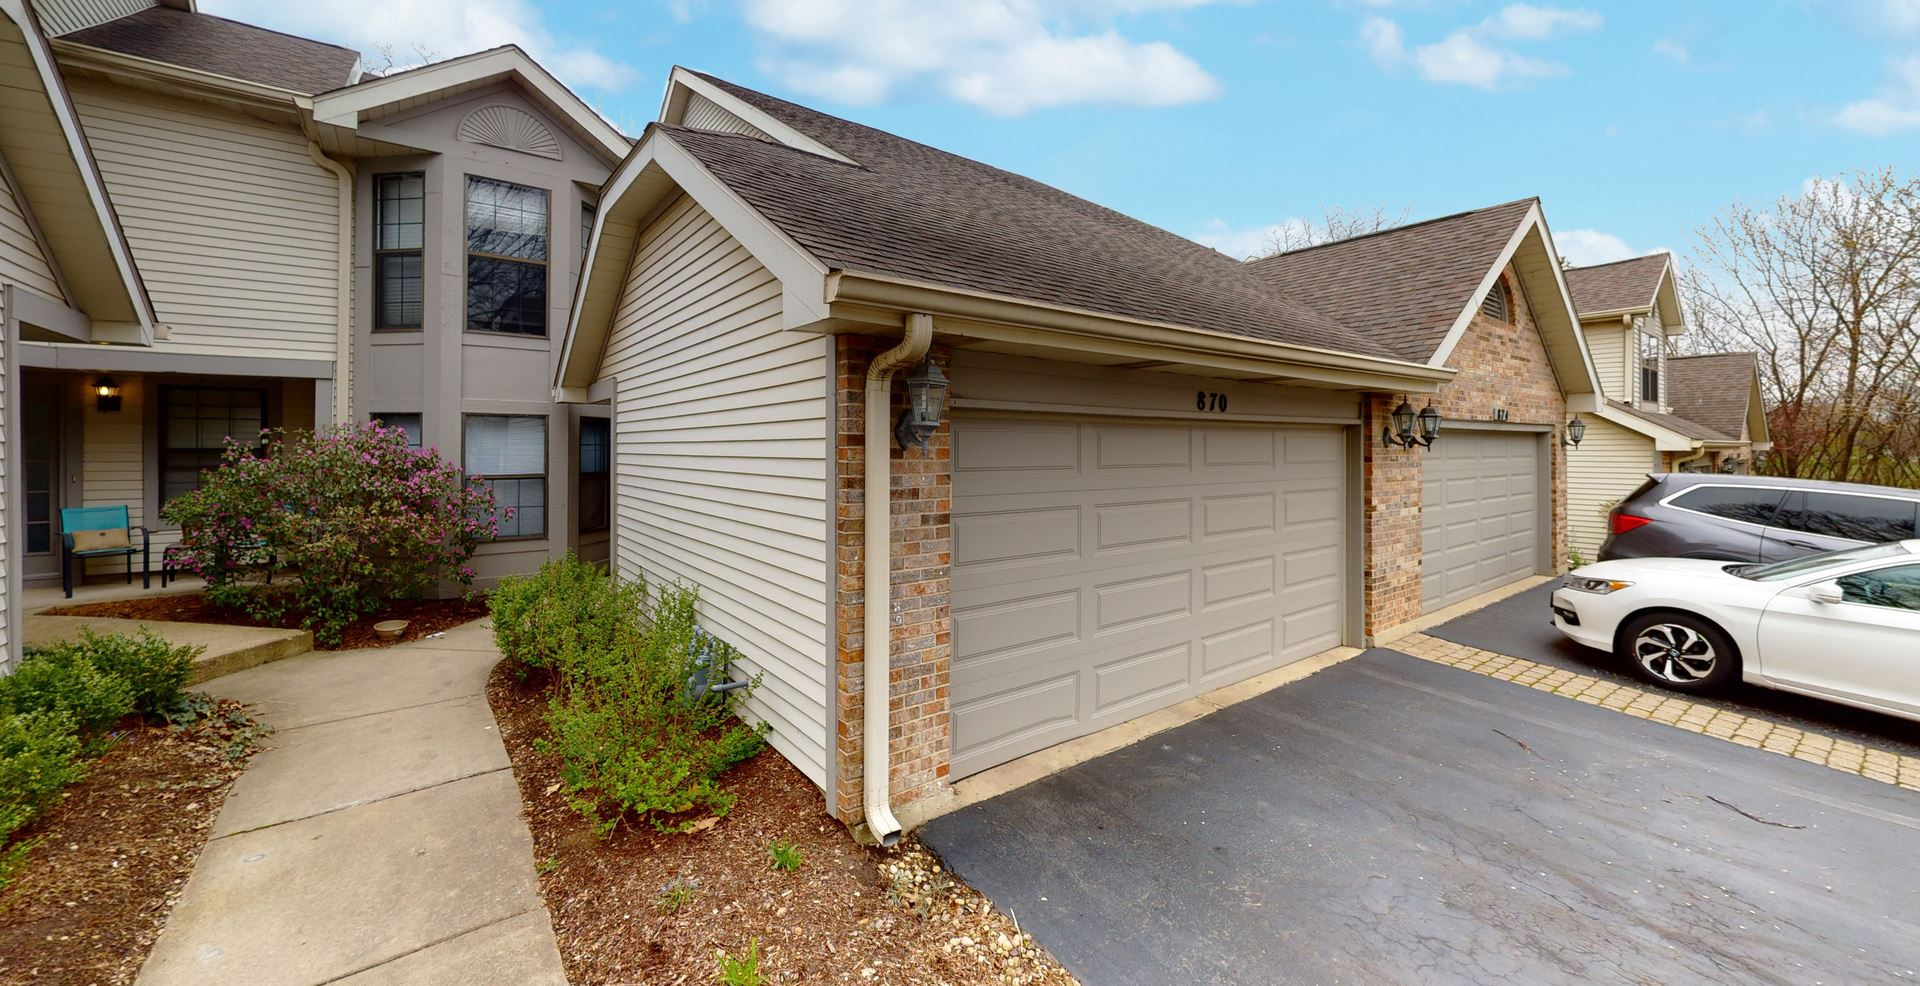 870 N Auburn Woods Drive, Palatine, IL 60067 - #: 10700376